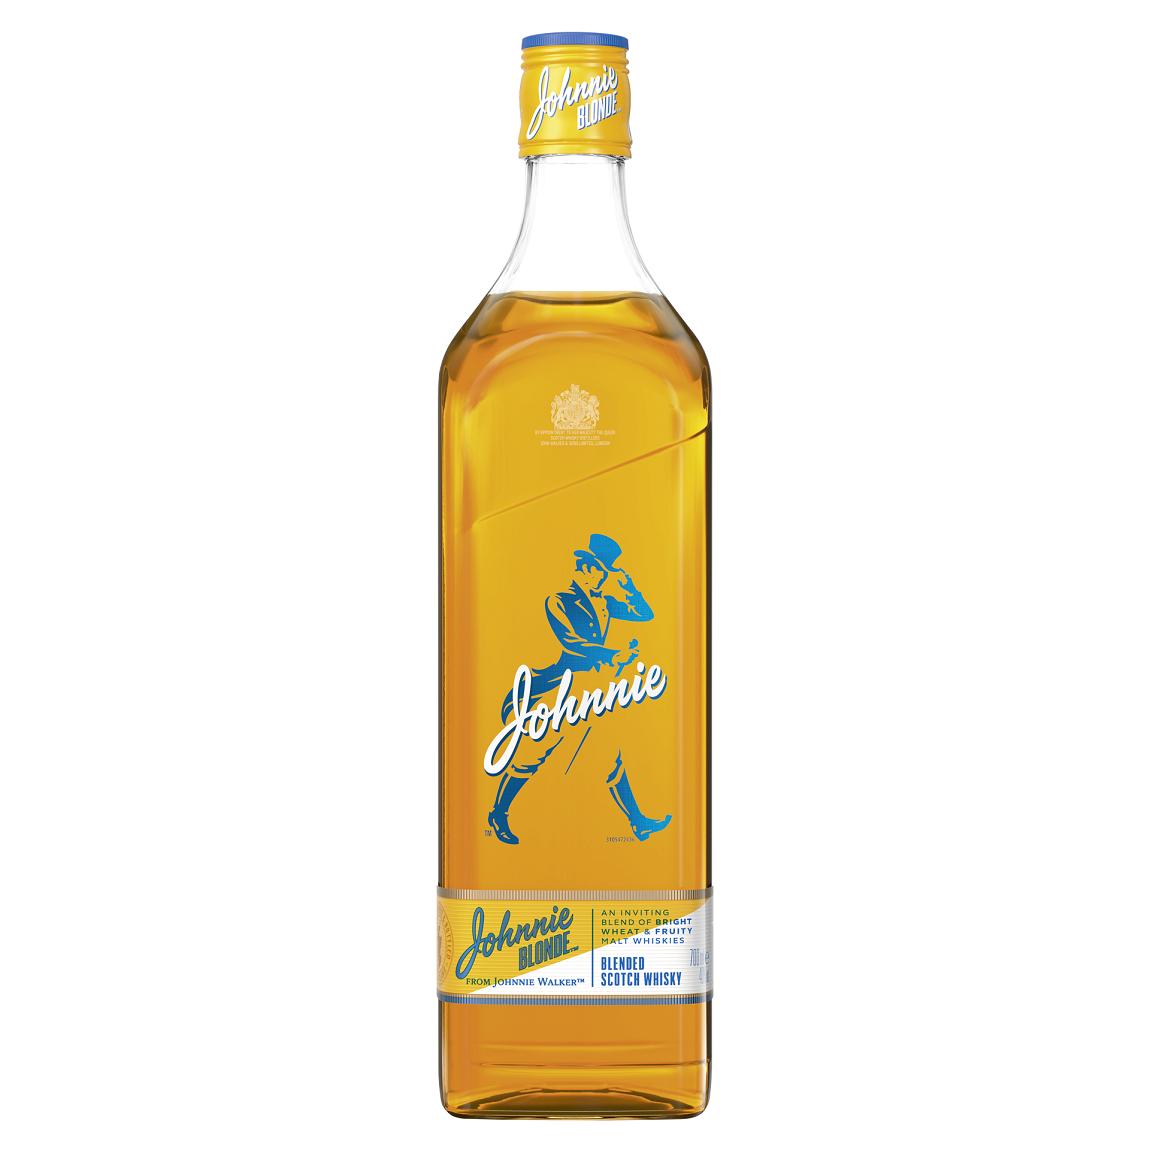 Johnnie Walker Blonde Scotch Whisky 40% 0,7l